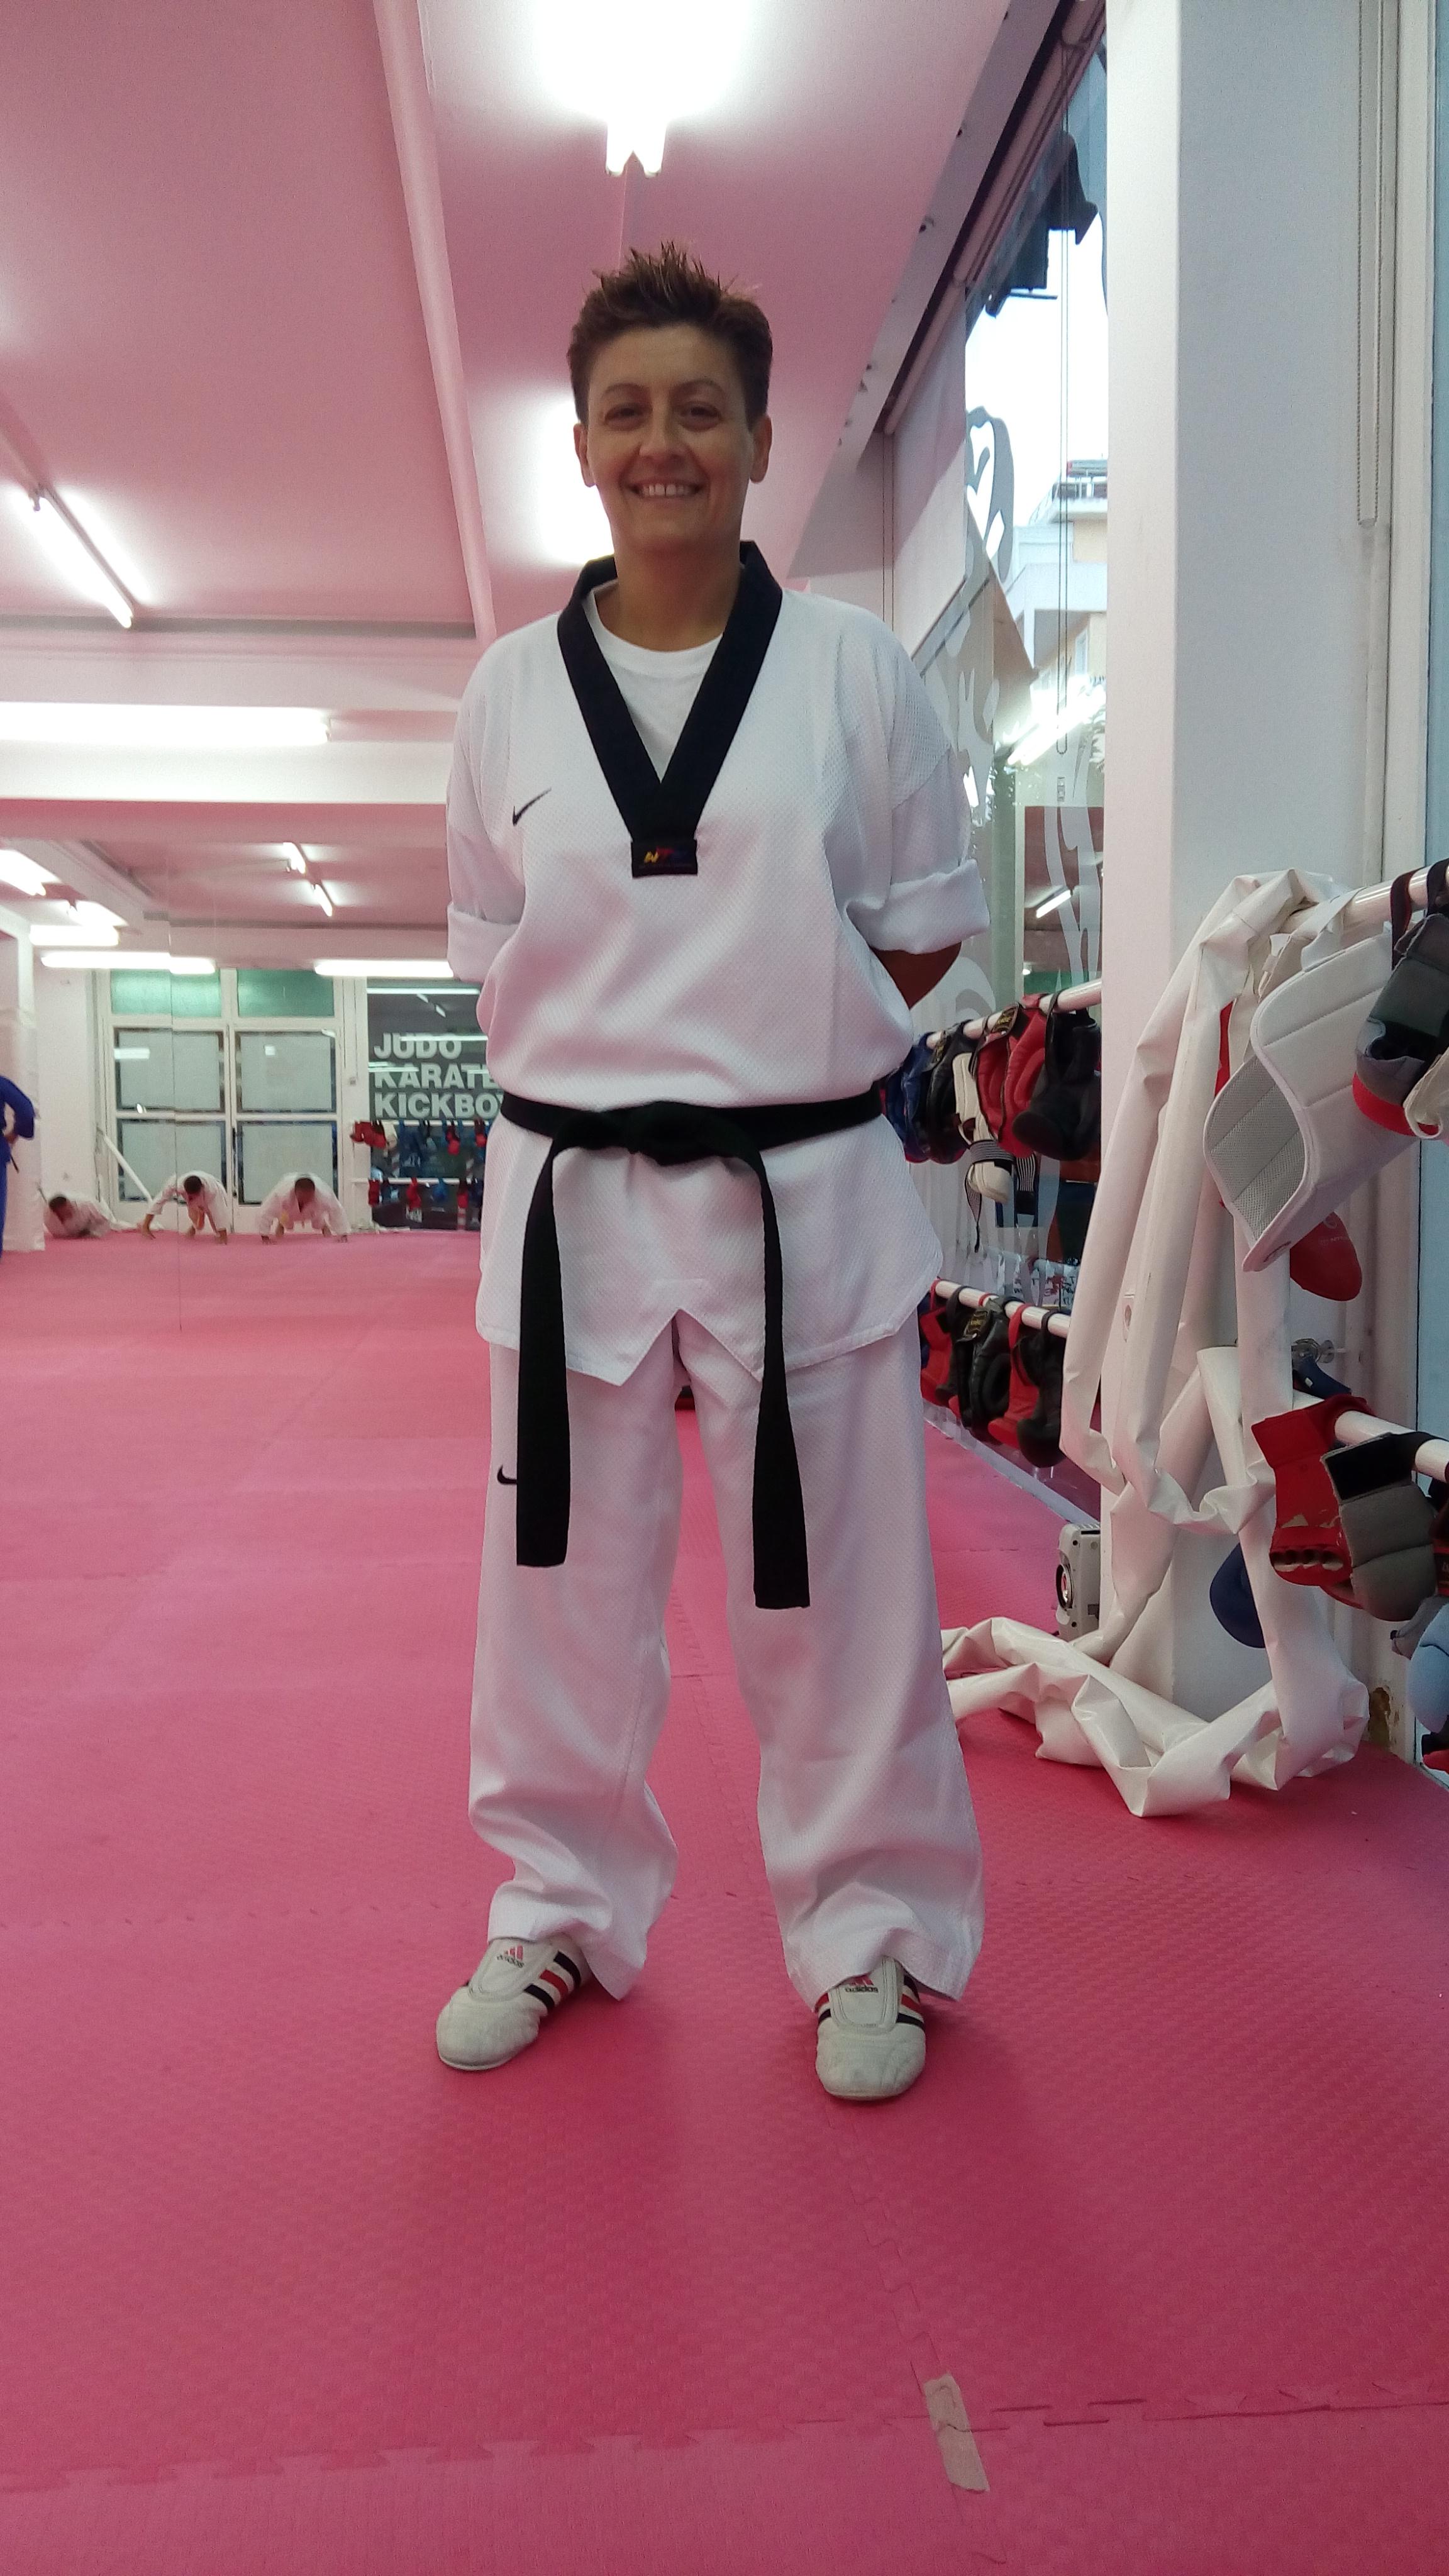 taekwondo-instructor